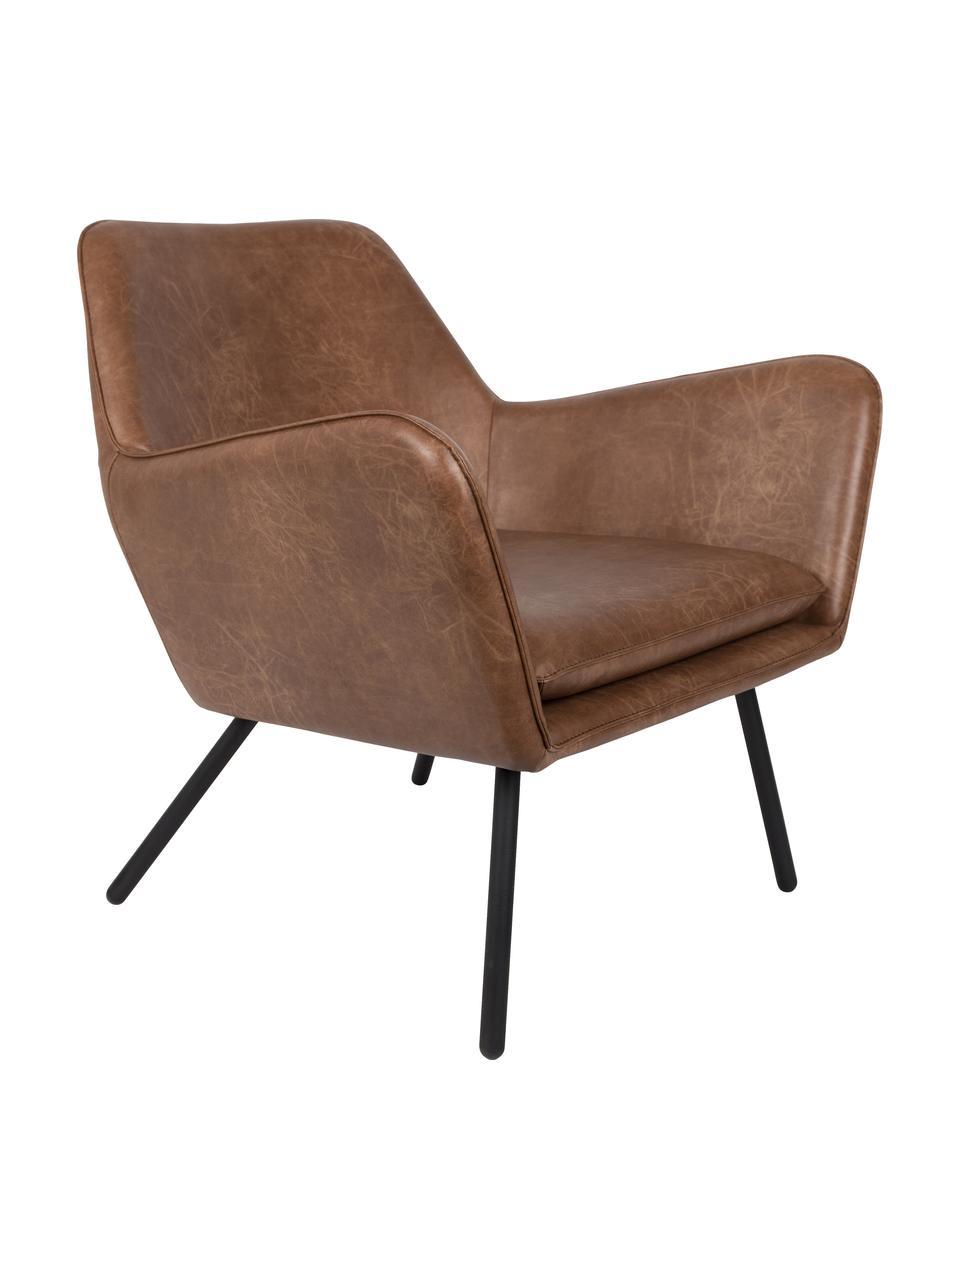 Fotel wypoczynkowy ze sztucznej skóry w stylu industrial Bon, Tapicerka: sztuczna skóra (64% poliu, Nogi: metal lakierowany, Sztuczna, skóra brązowy, S 80 x G 76 cm